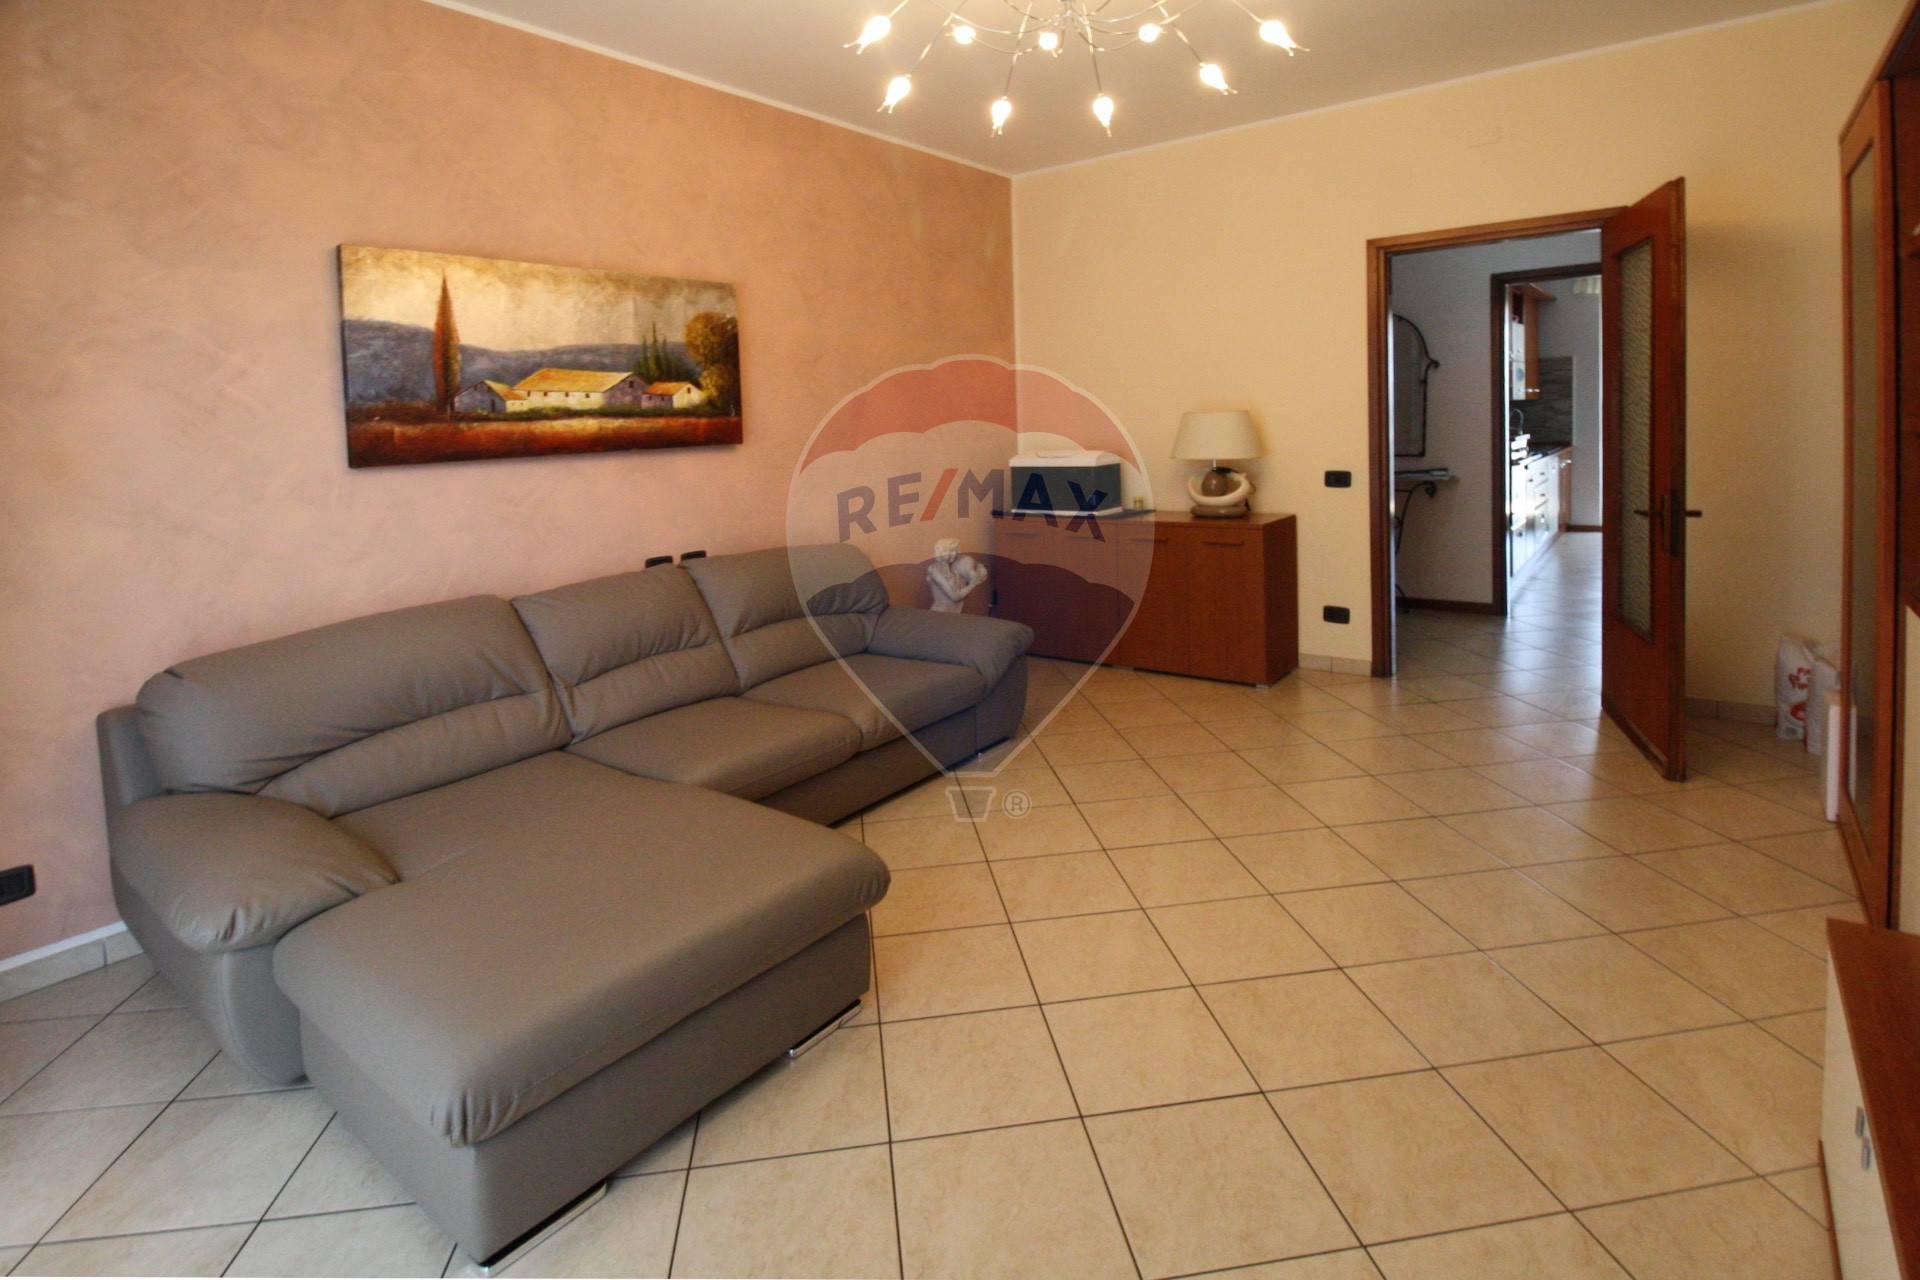 Appartamento in vendita a Sant'Ilario d'Enza, 3 locali, zona Zona: Calerno, prezzo € 118.000 | CambioCasa.it